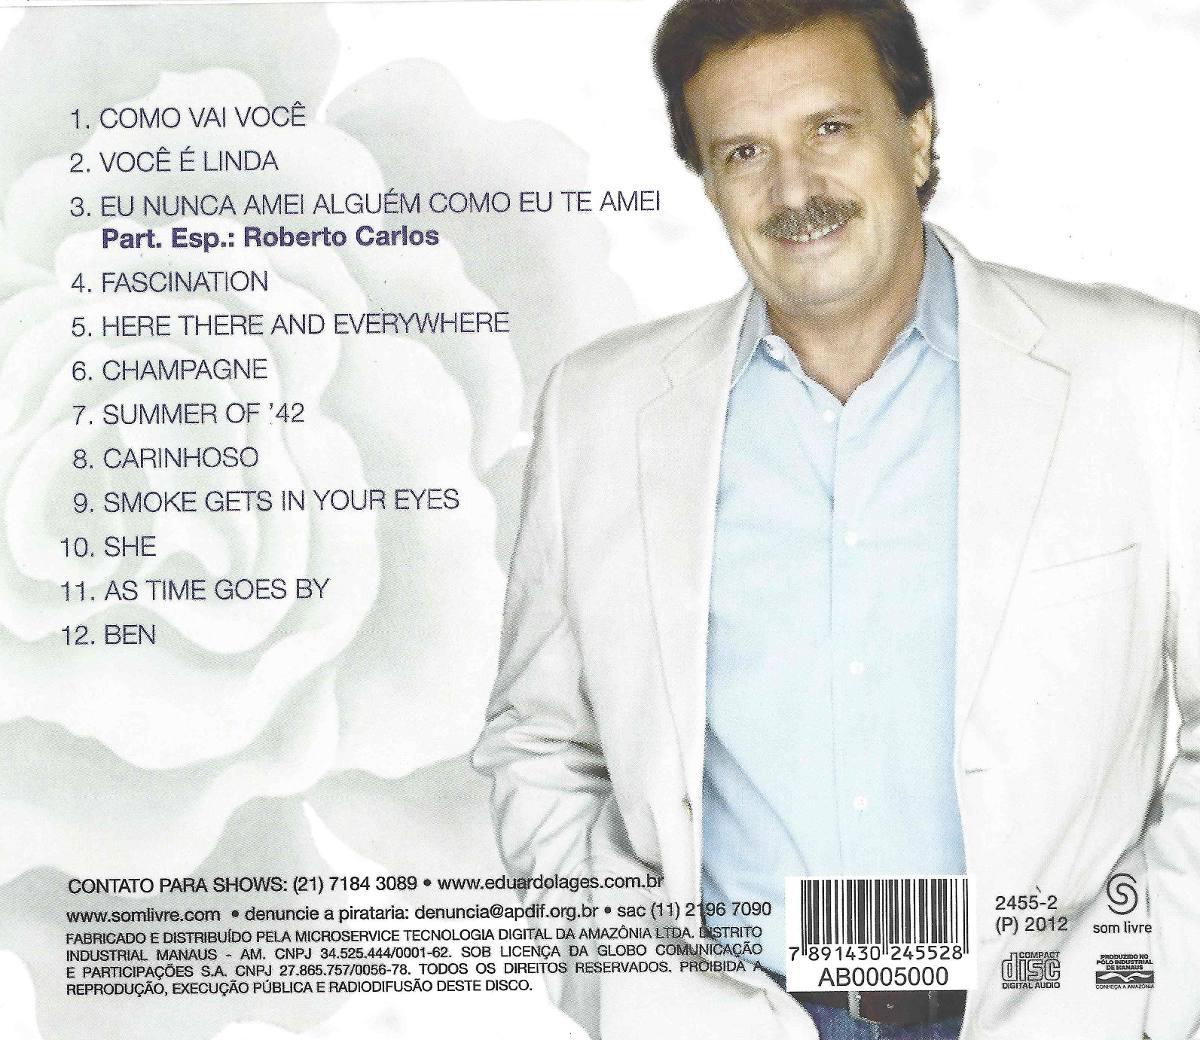 cd de eduardo lages romances